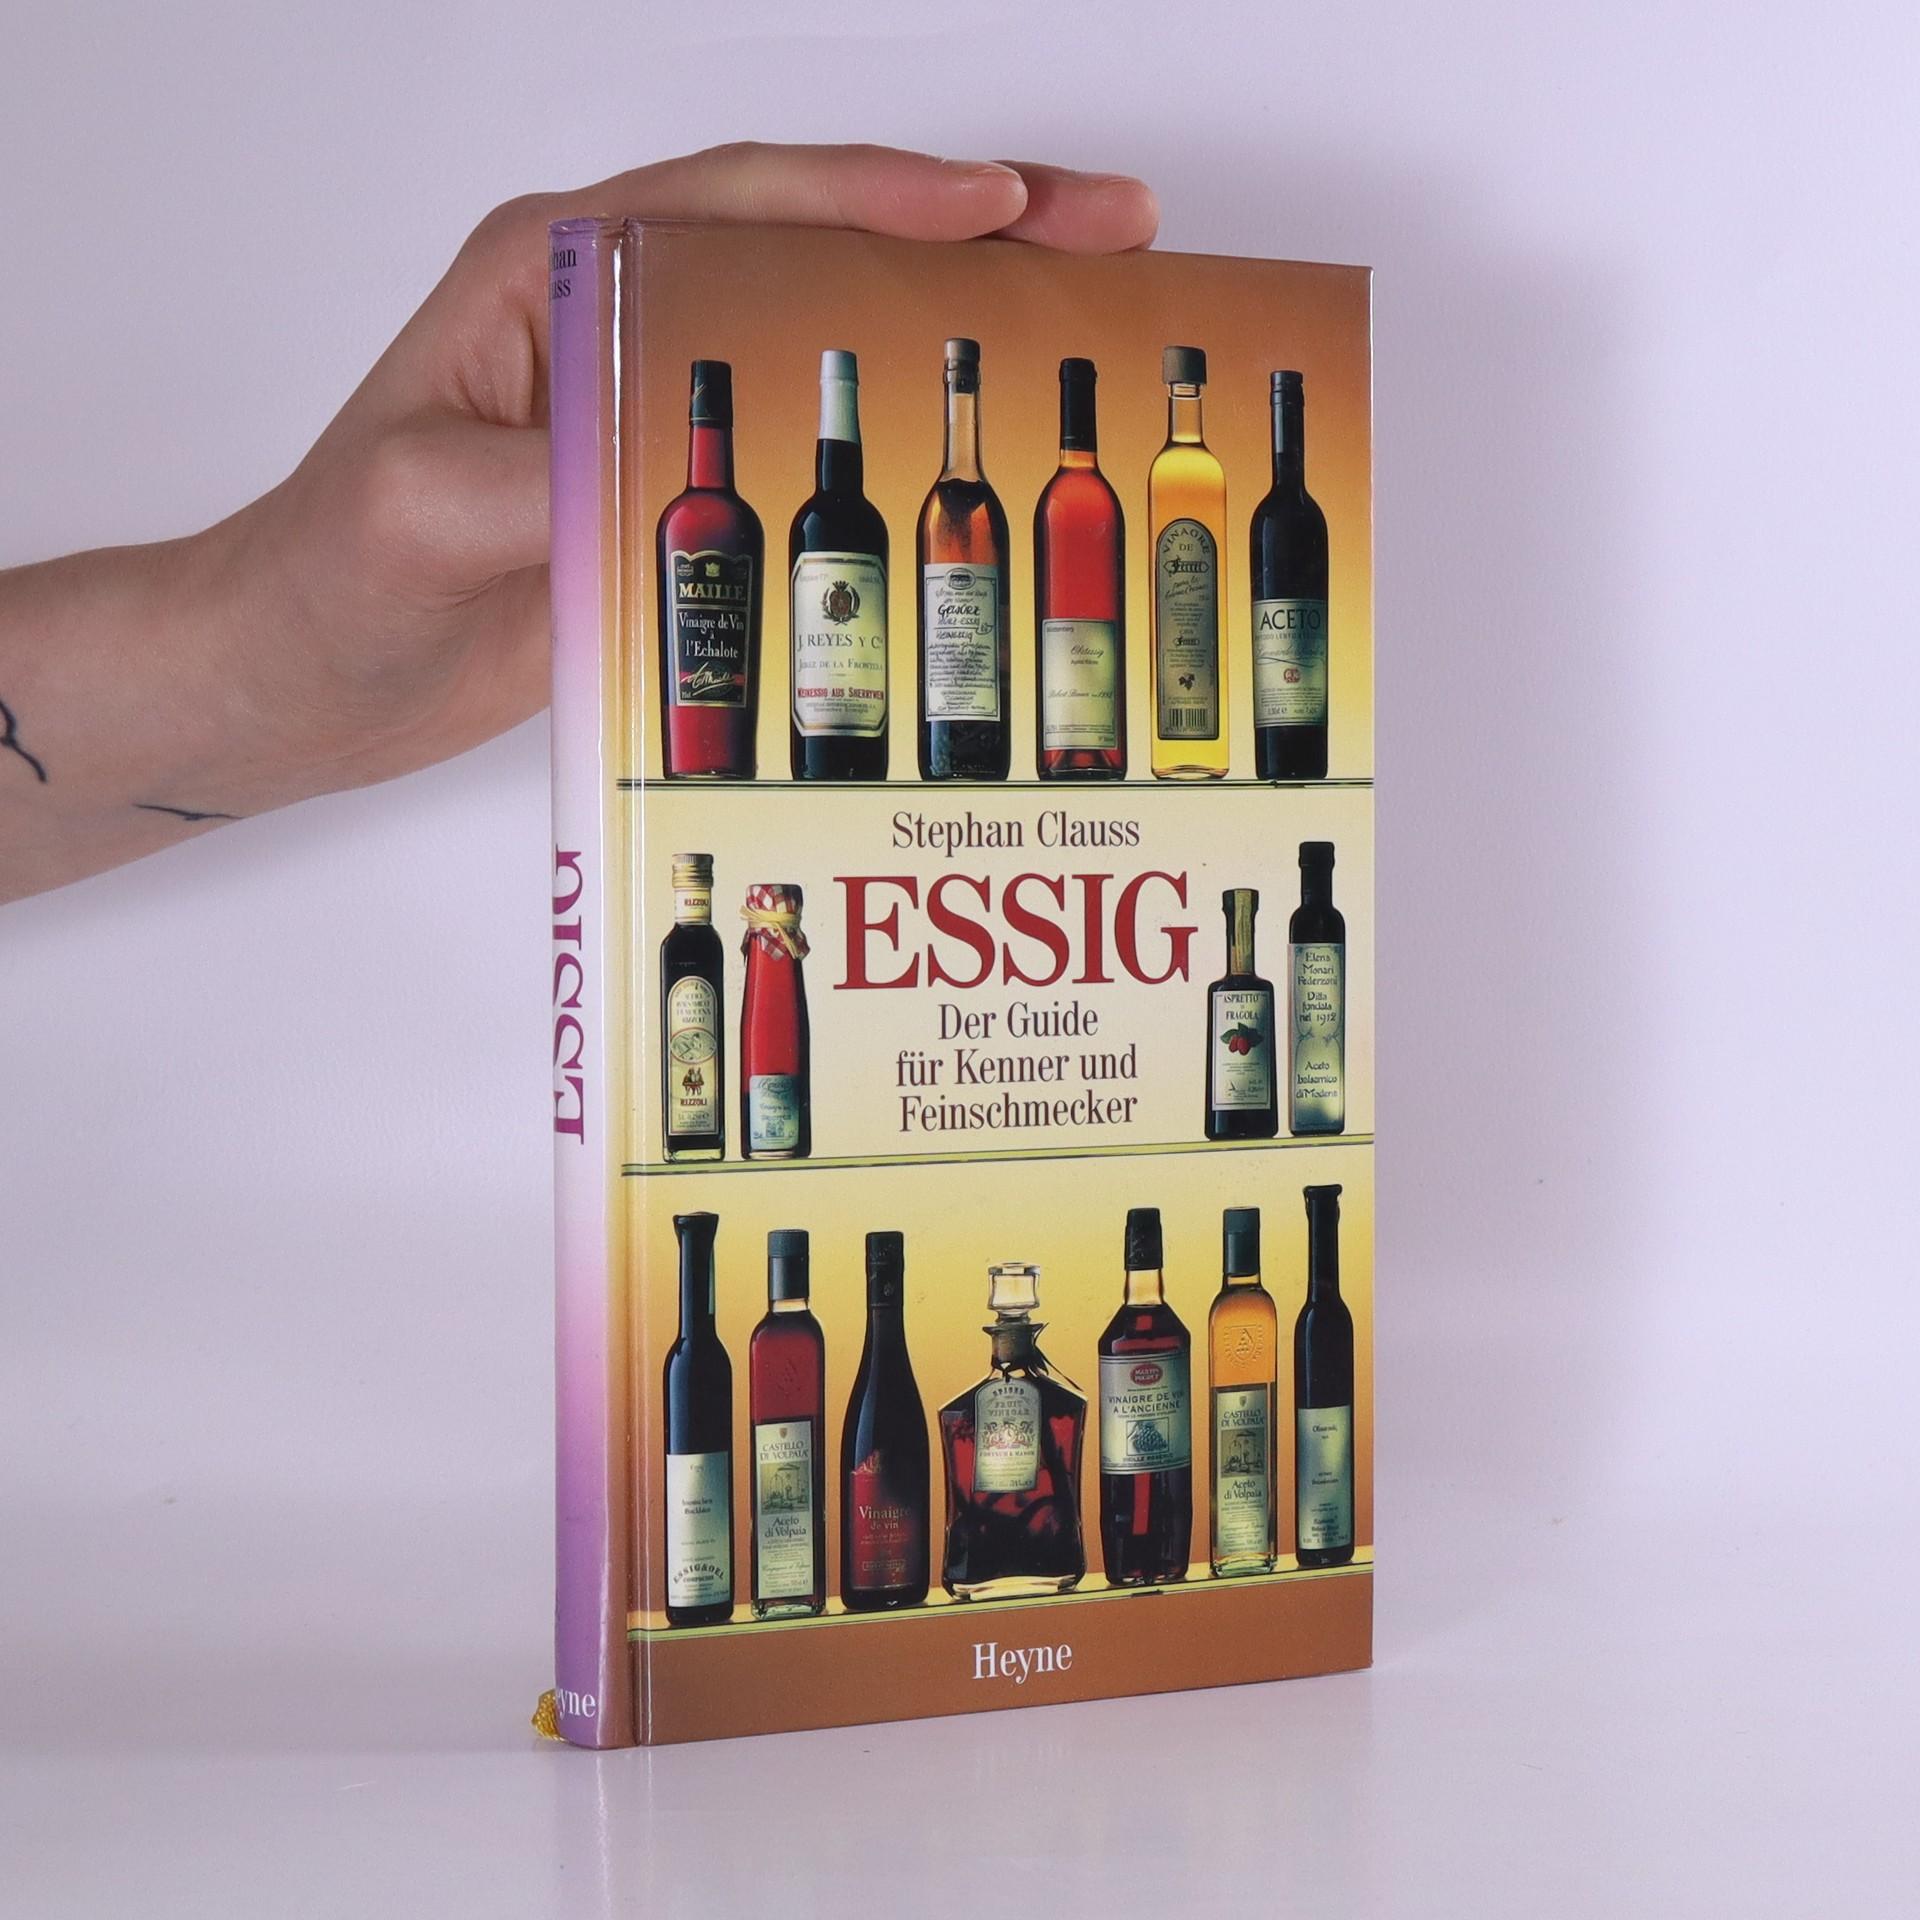 antikvární kniha Essig. Der Guide für Kenner und Feinschmecker, neuveden